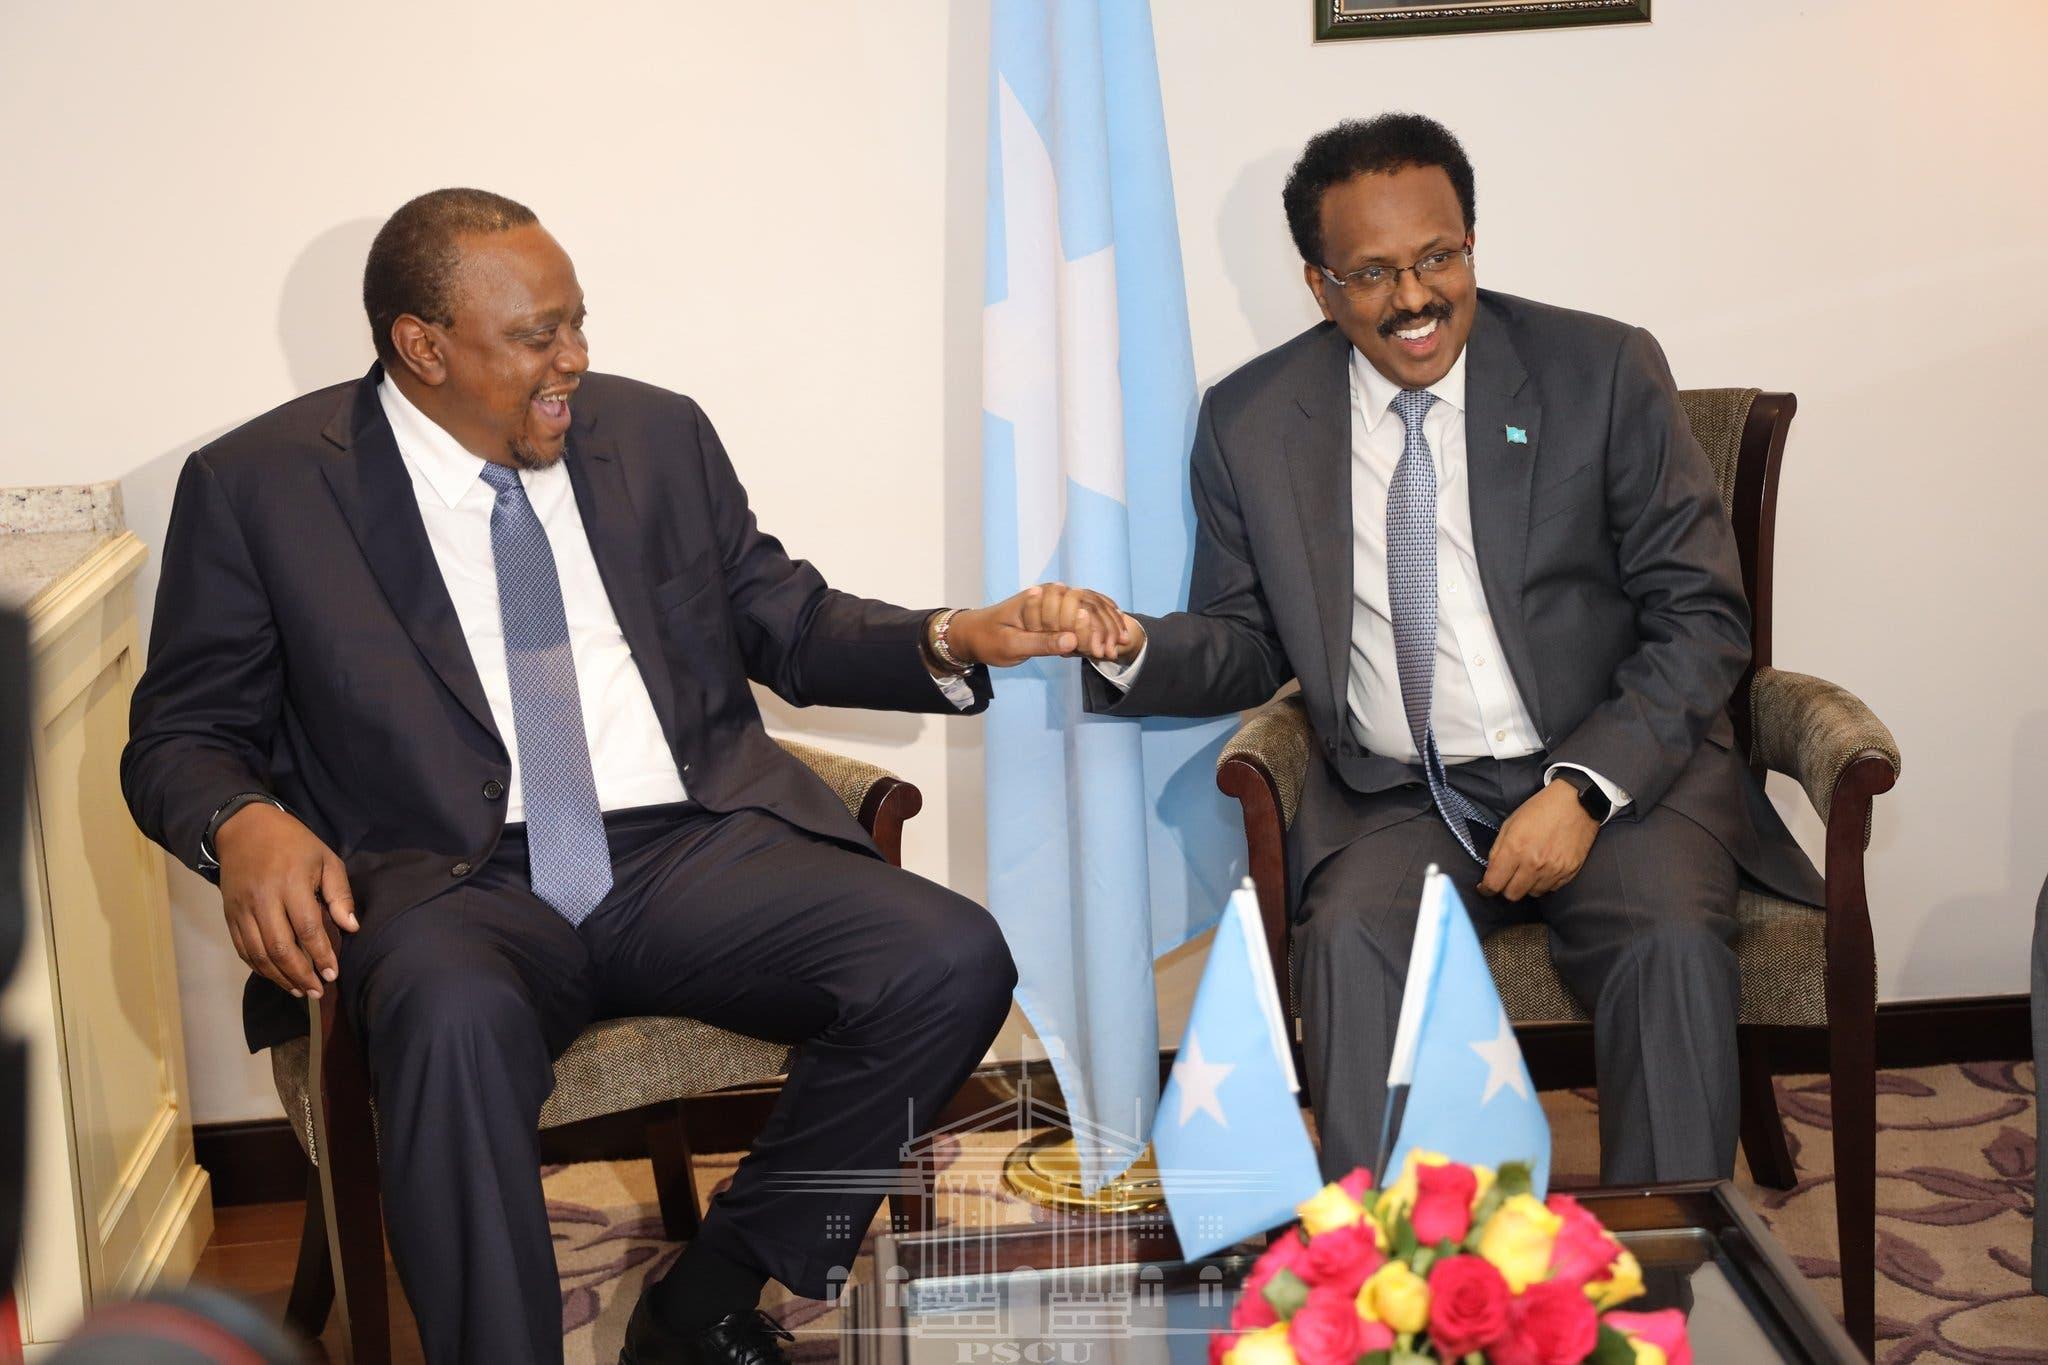 Uhuru Kenyatta oo qaaday tallaabo uu ugu jawaabayo kuna cadaadinayo Somalia